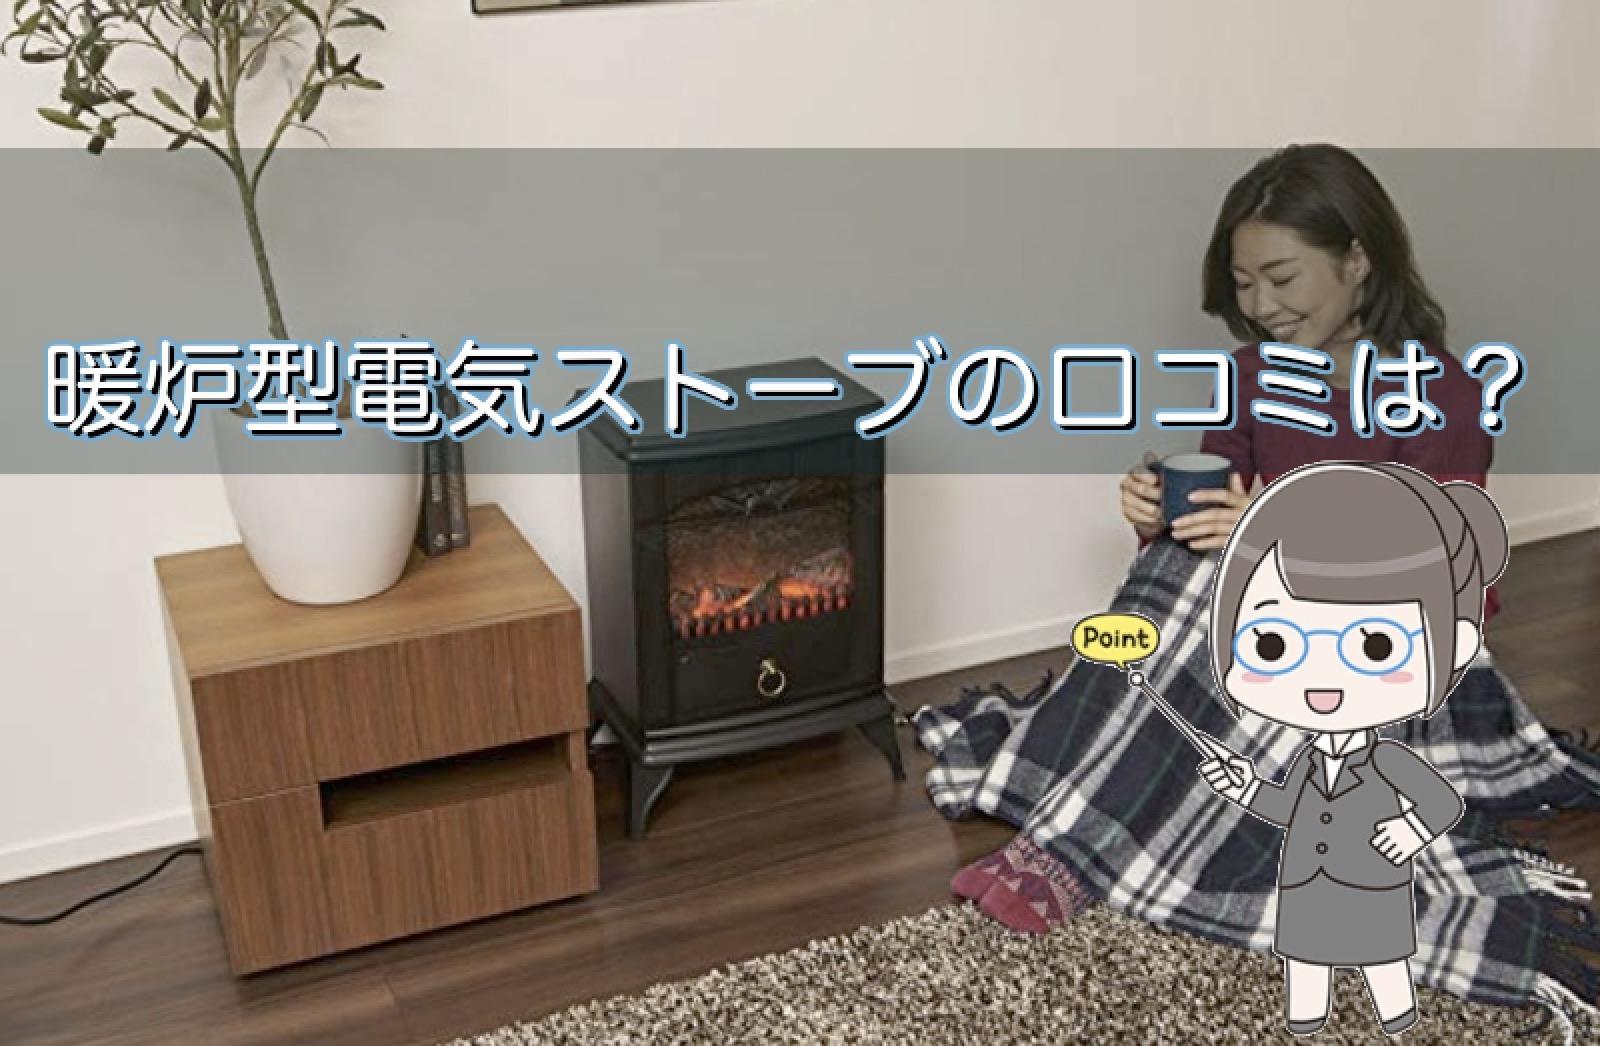 暖炉型電気ストーブの評価・口コミは?電気代は高めってホント?